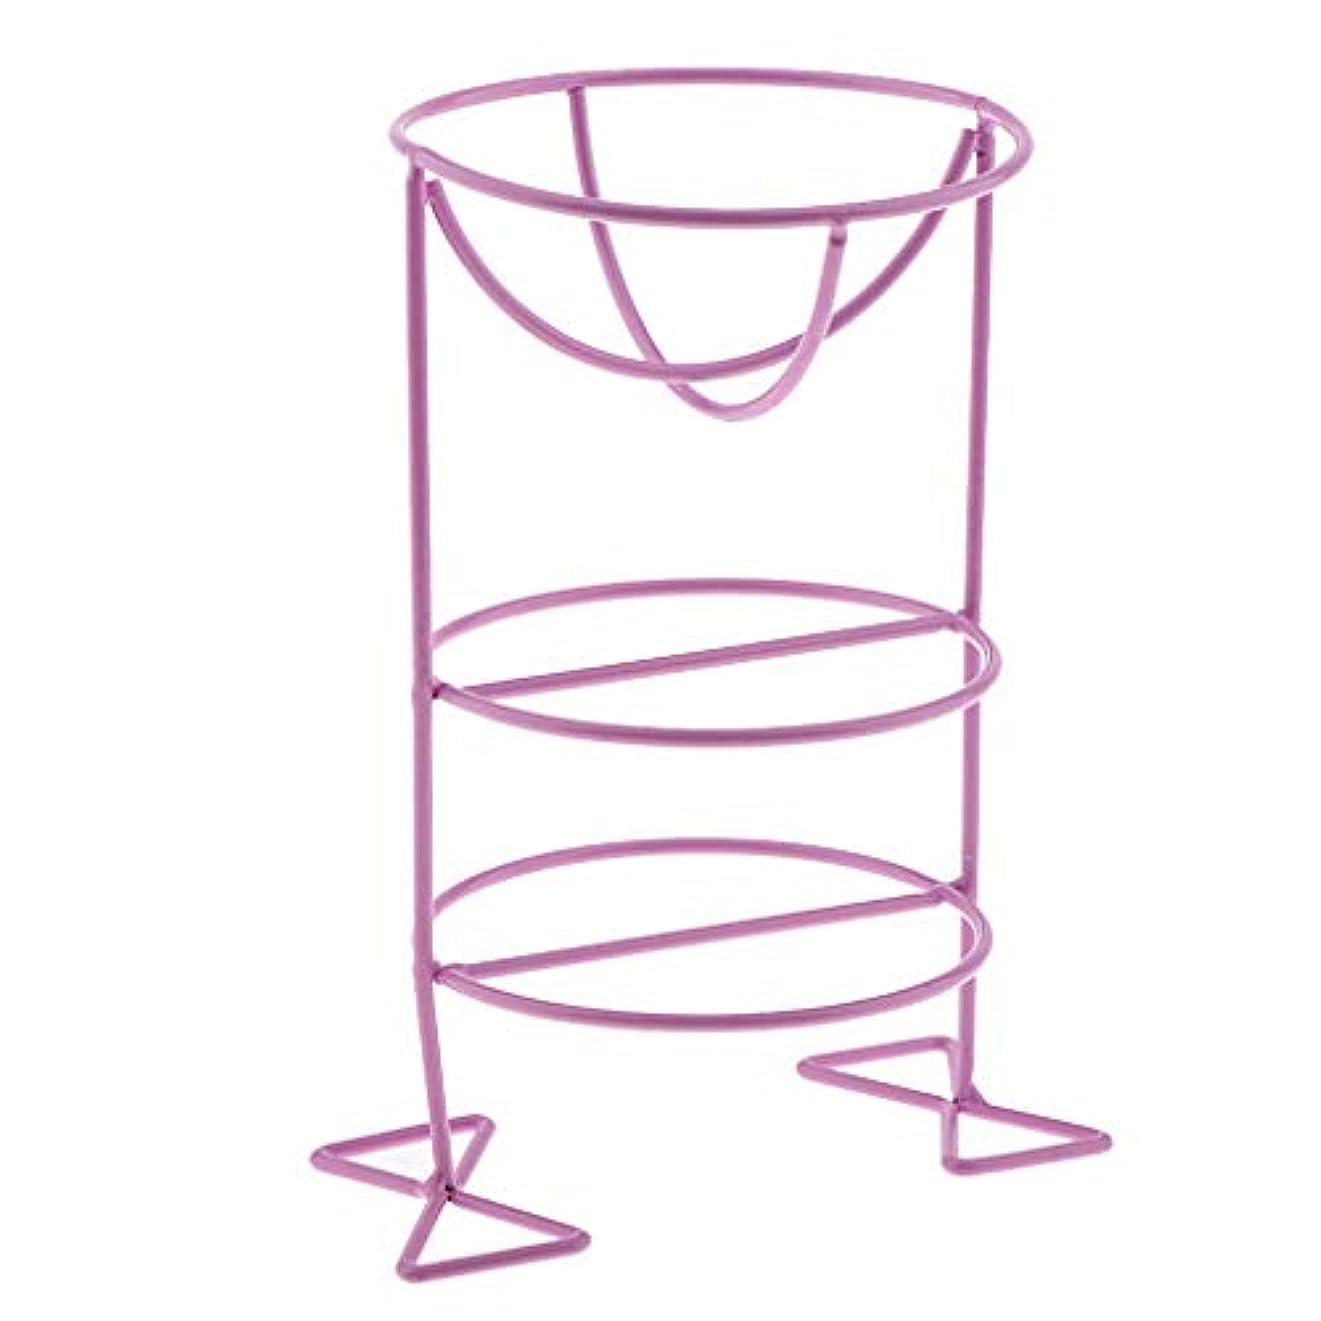 縫う気難しい正確化粧パフ スポンジ スタンド ディスプレイ ホルダー オーガナイザー 乾燥ラック 3色選べ - 紫